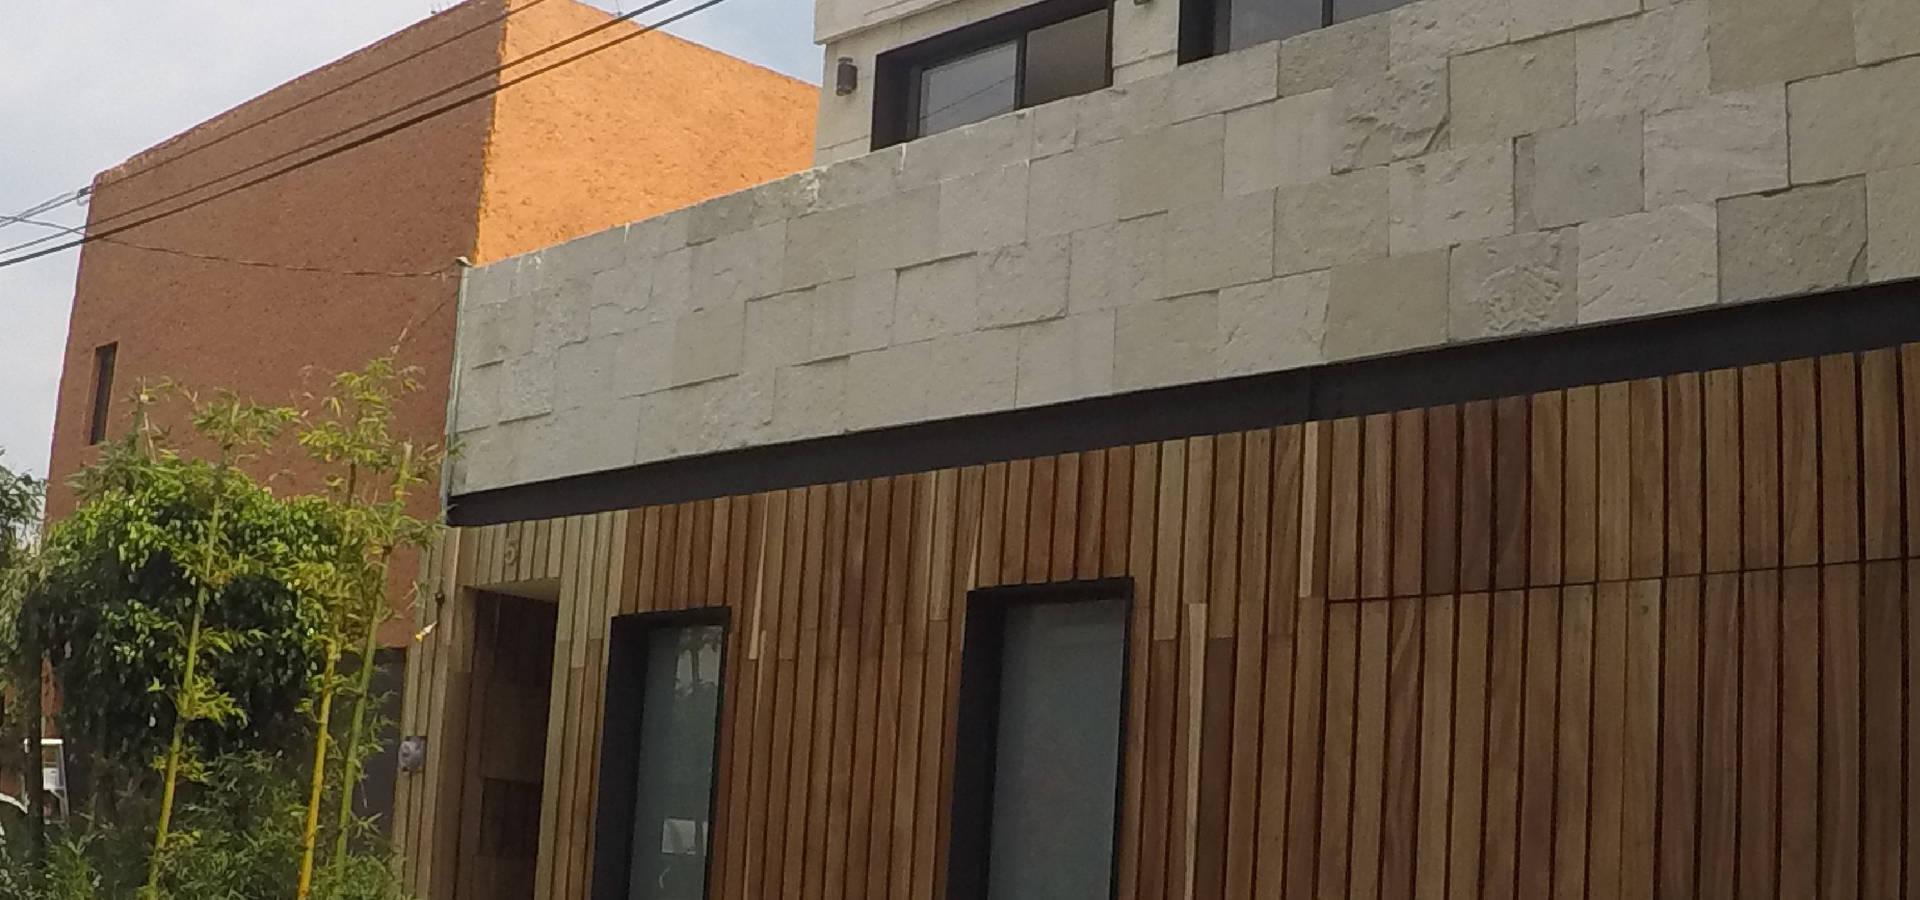 Matatena Arquitectura